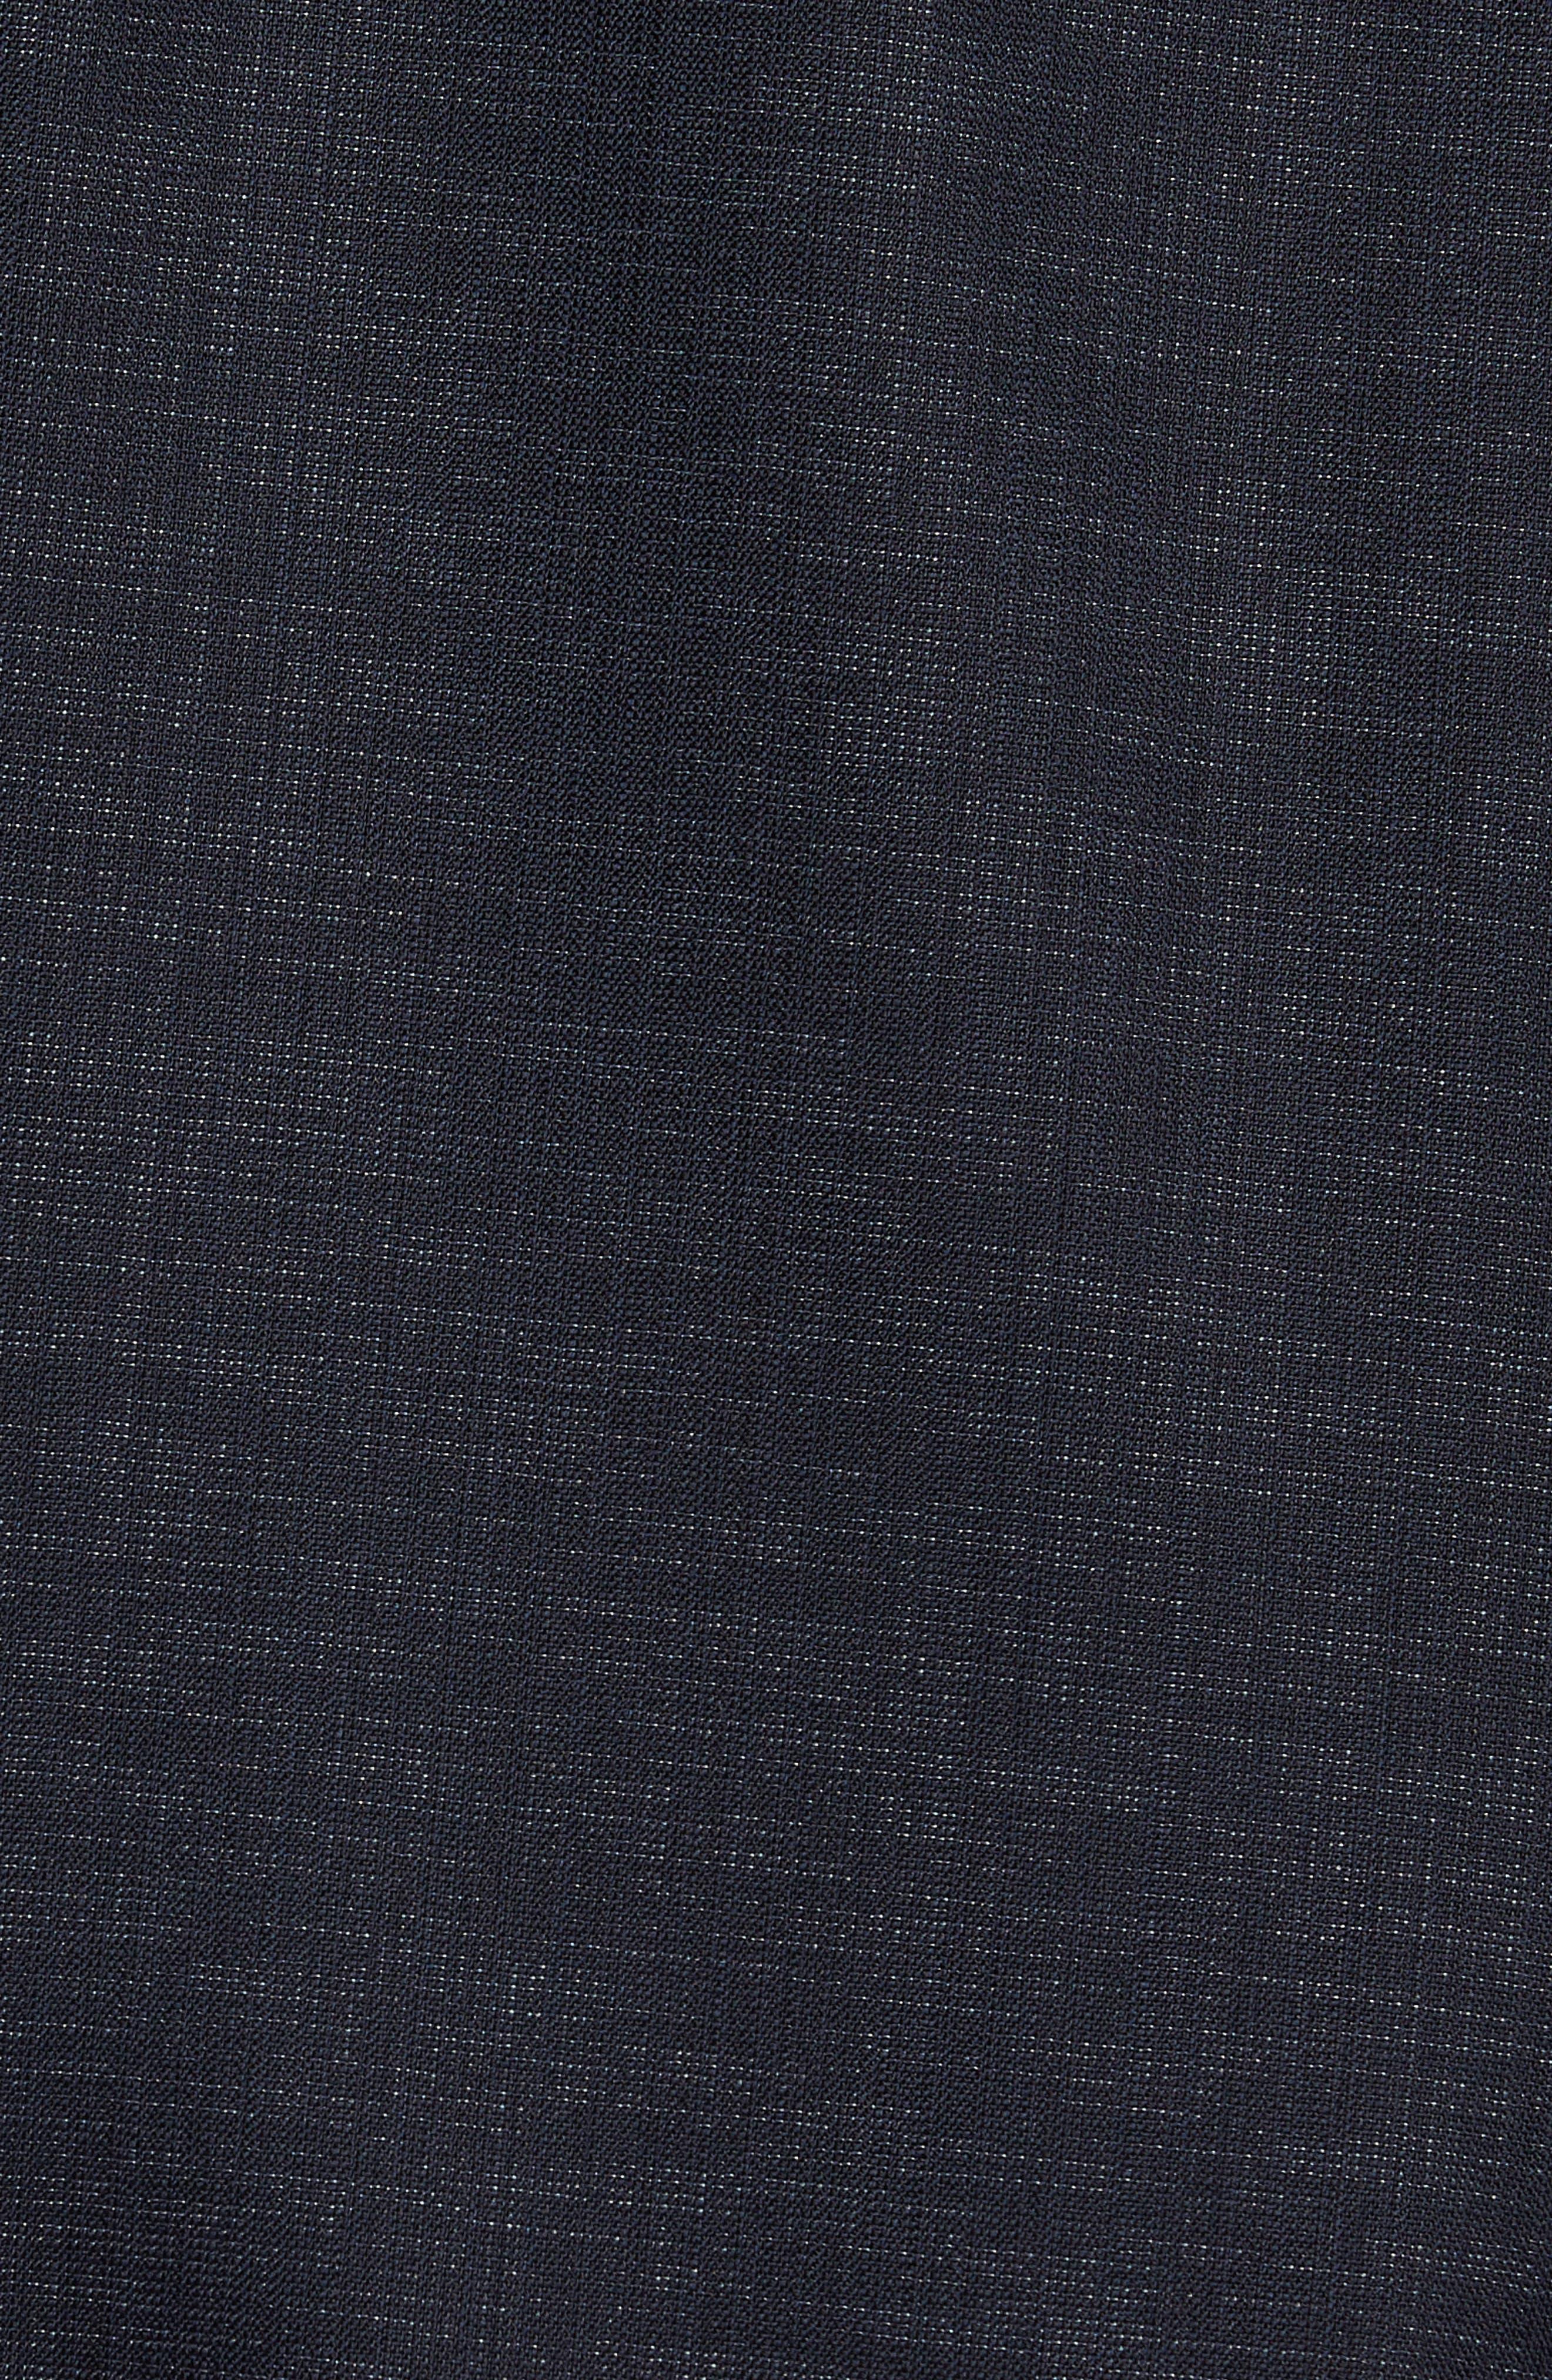 Novan/Ben Trim Fit Solid Wool Blend Suit,                             Alternate thumbnail 7, color,                             Navy